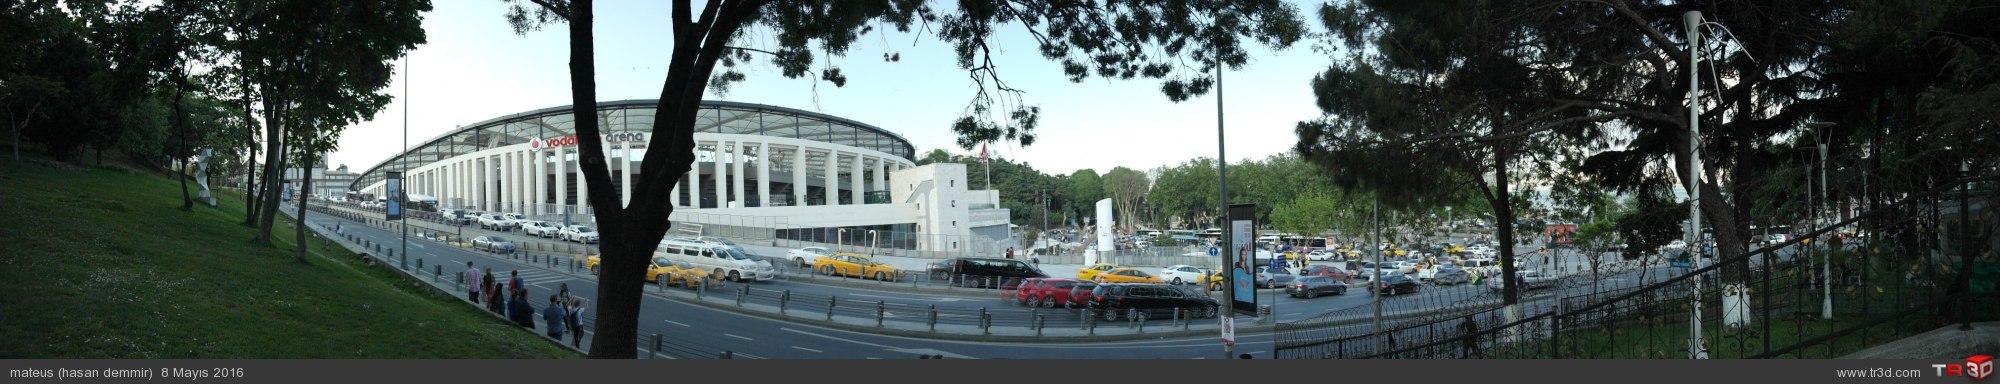 vodofone arena 1